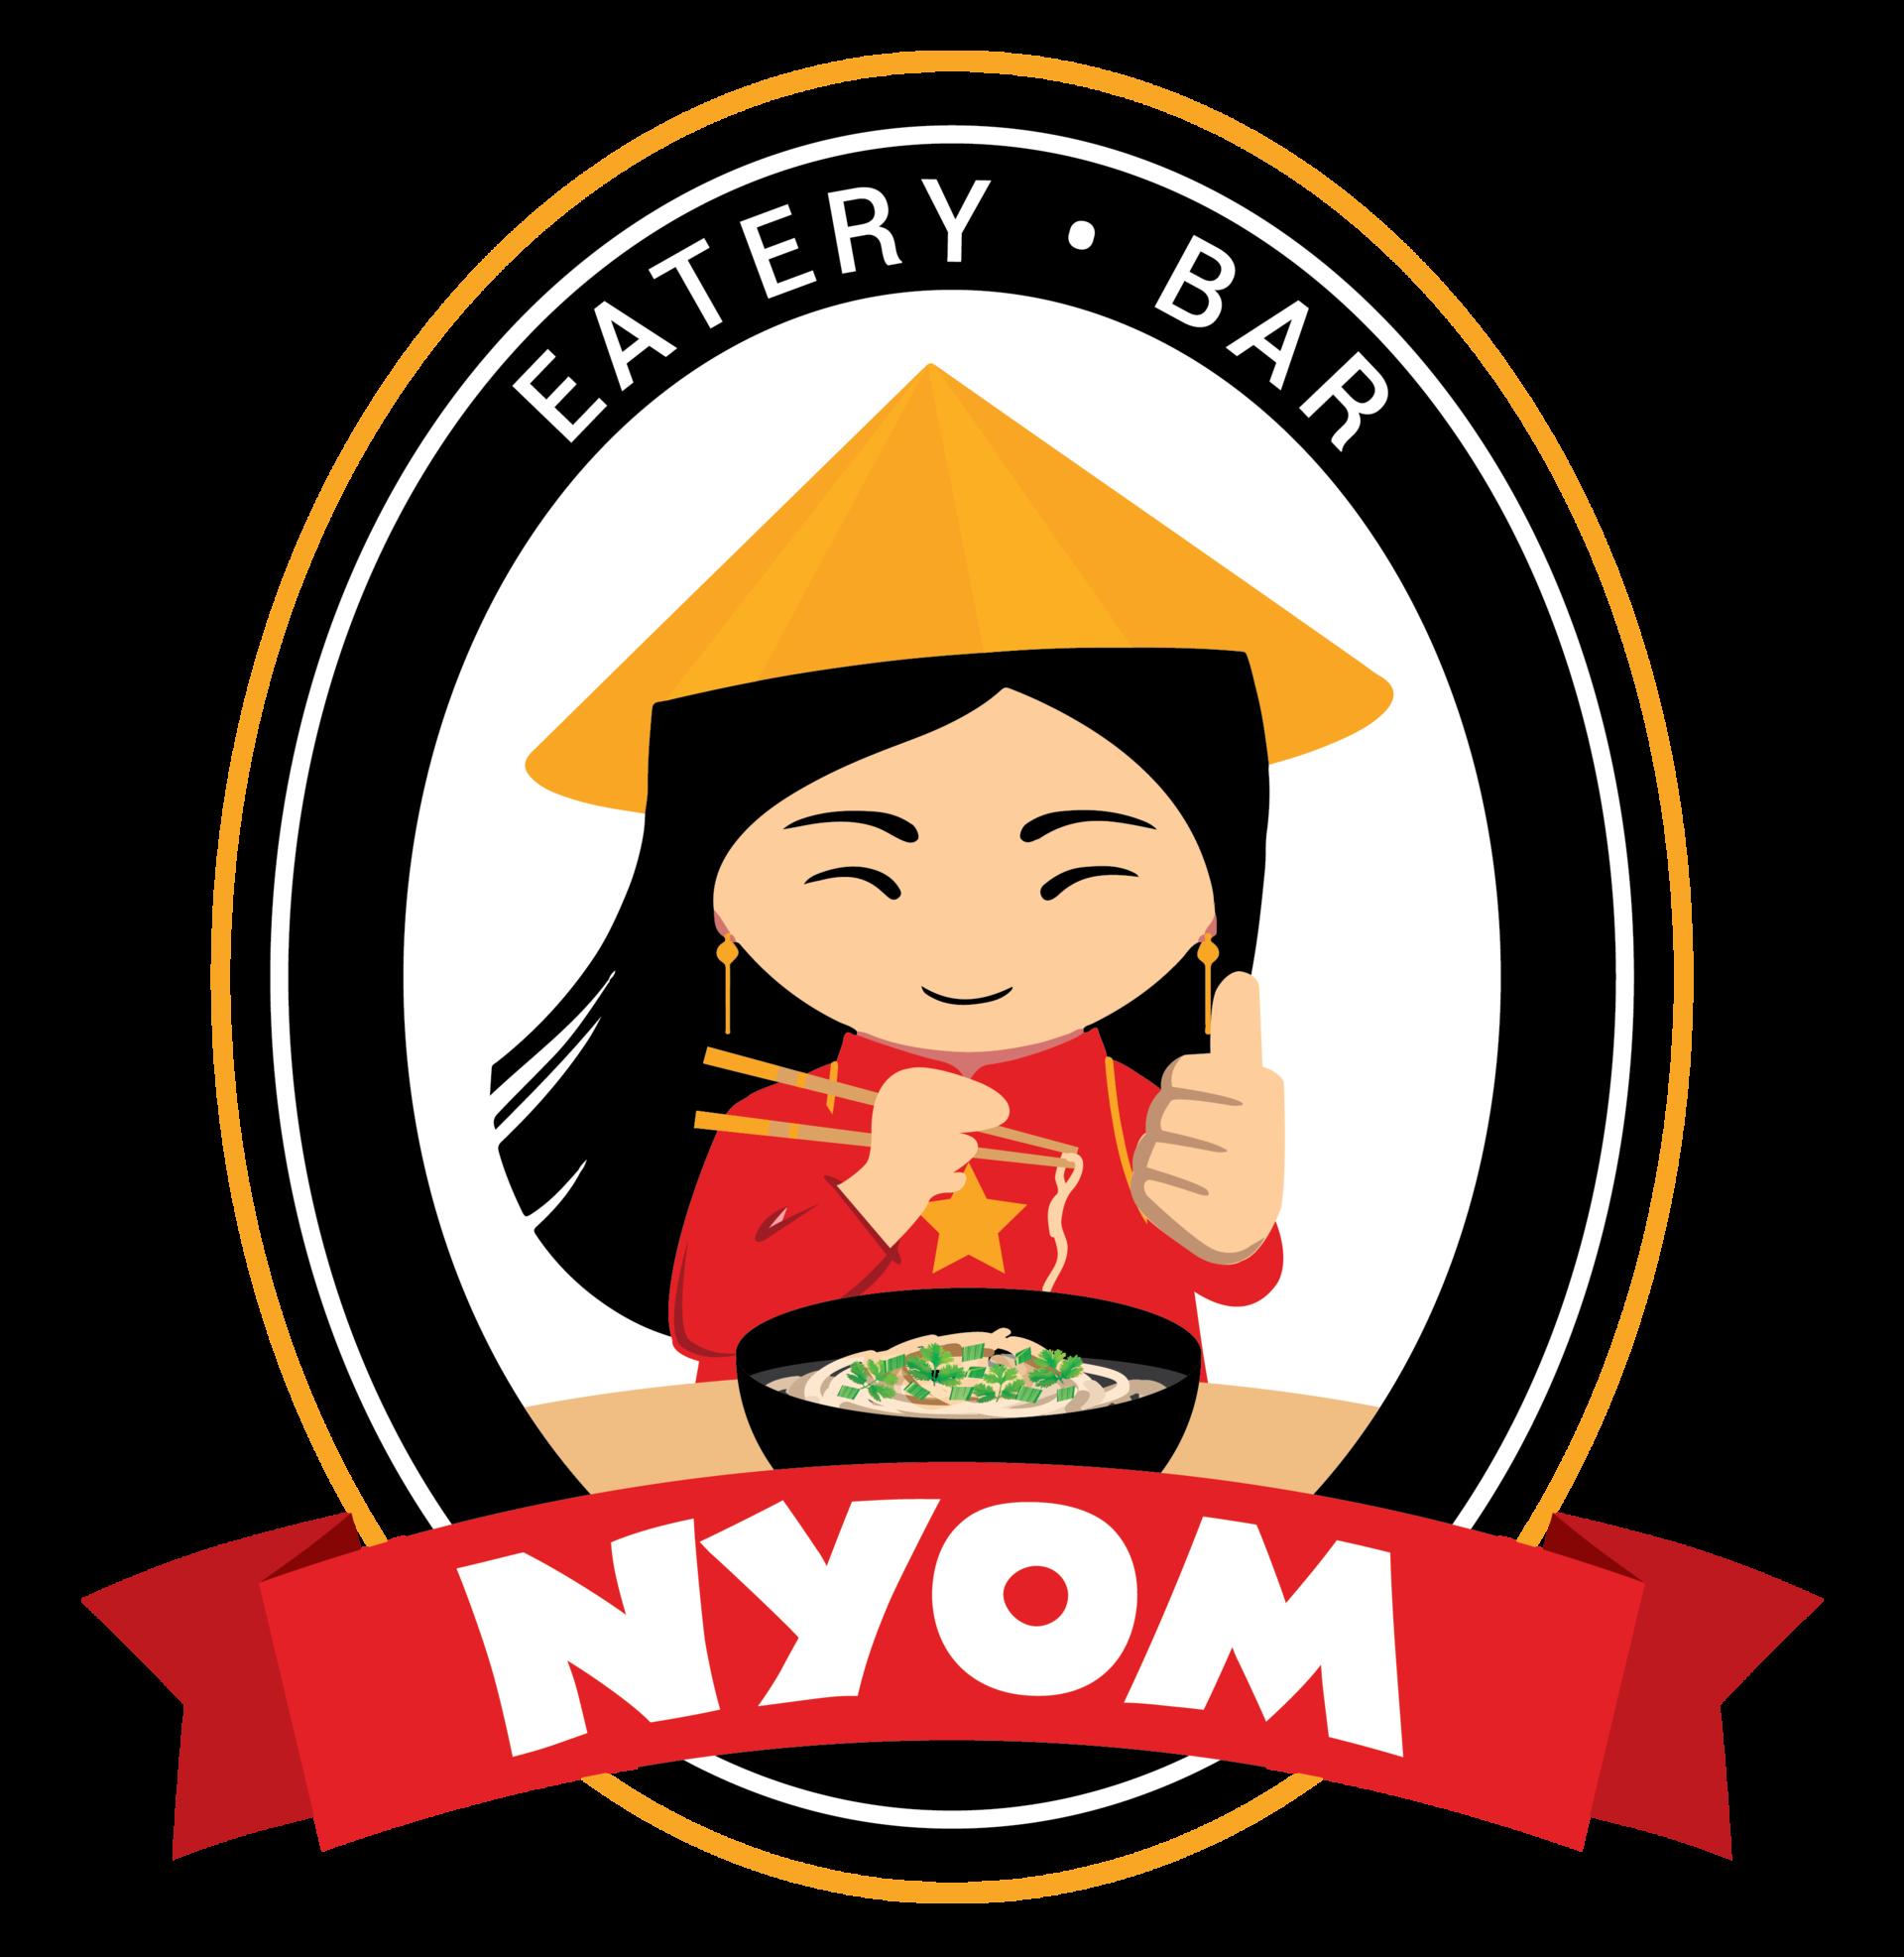 Nyom - Vietnameisches Restaurant in Berlin Friedrichshain